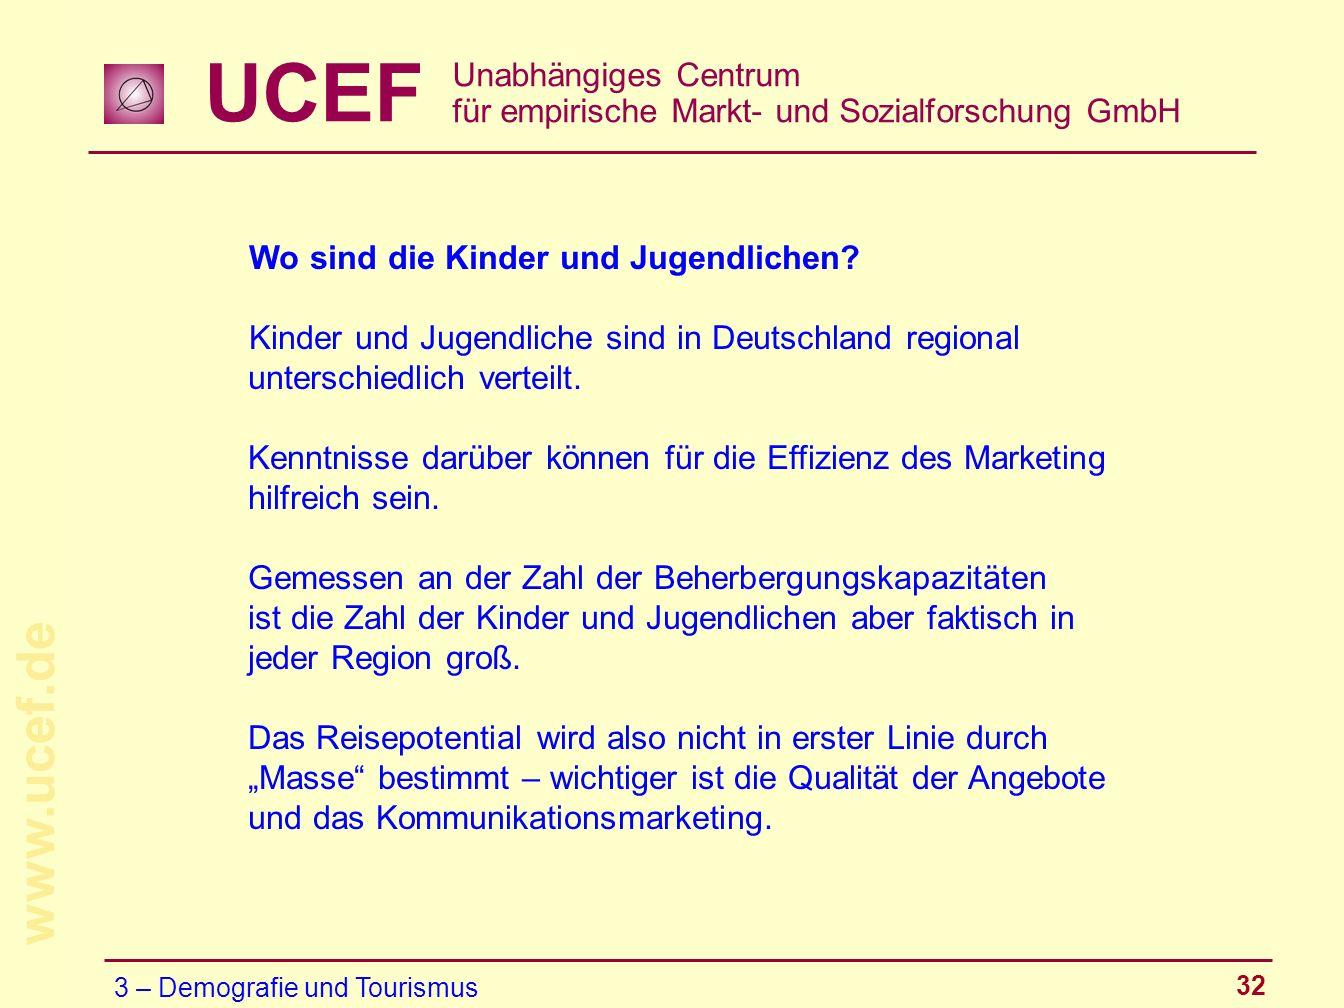 UCEF Unabhängiges Centrum für empirische Markt- und Sozialforschung GmbH www.ucef.de 32 Wo sind die Kinder und Jugendlichen? Kinder und Jugendliche si